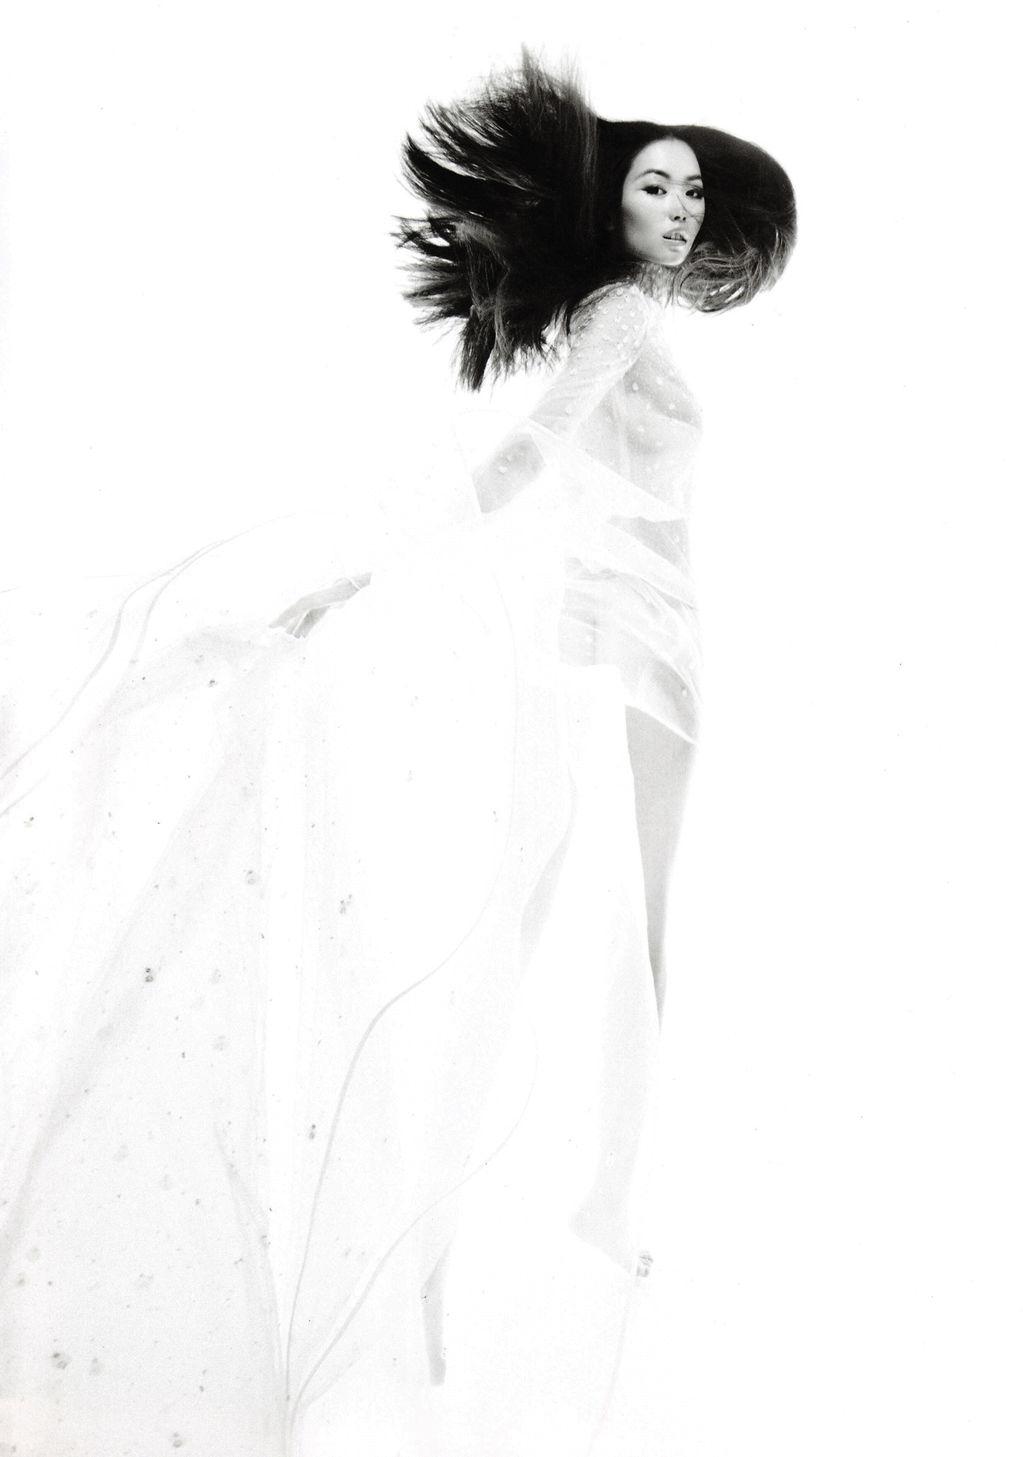 Numero #1 China September 2010 (photography: Tiziano Magni; styling: Joseph Carle)